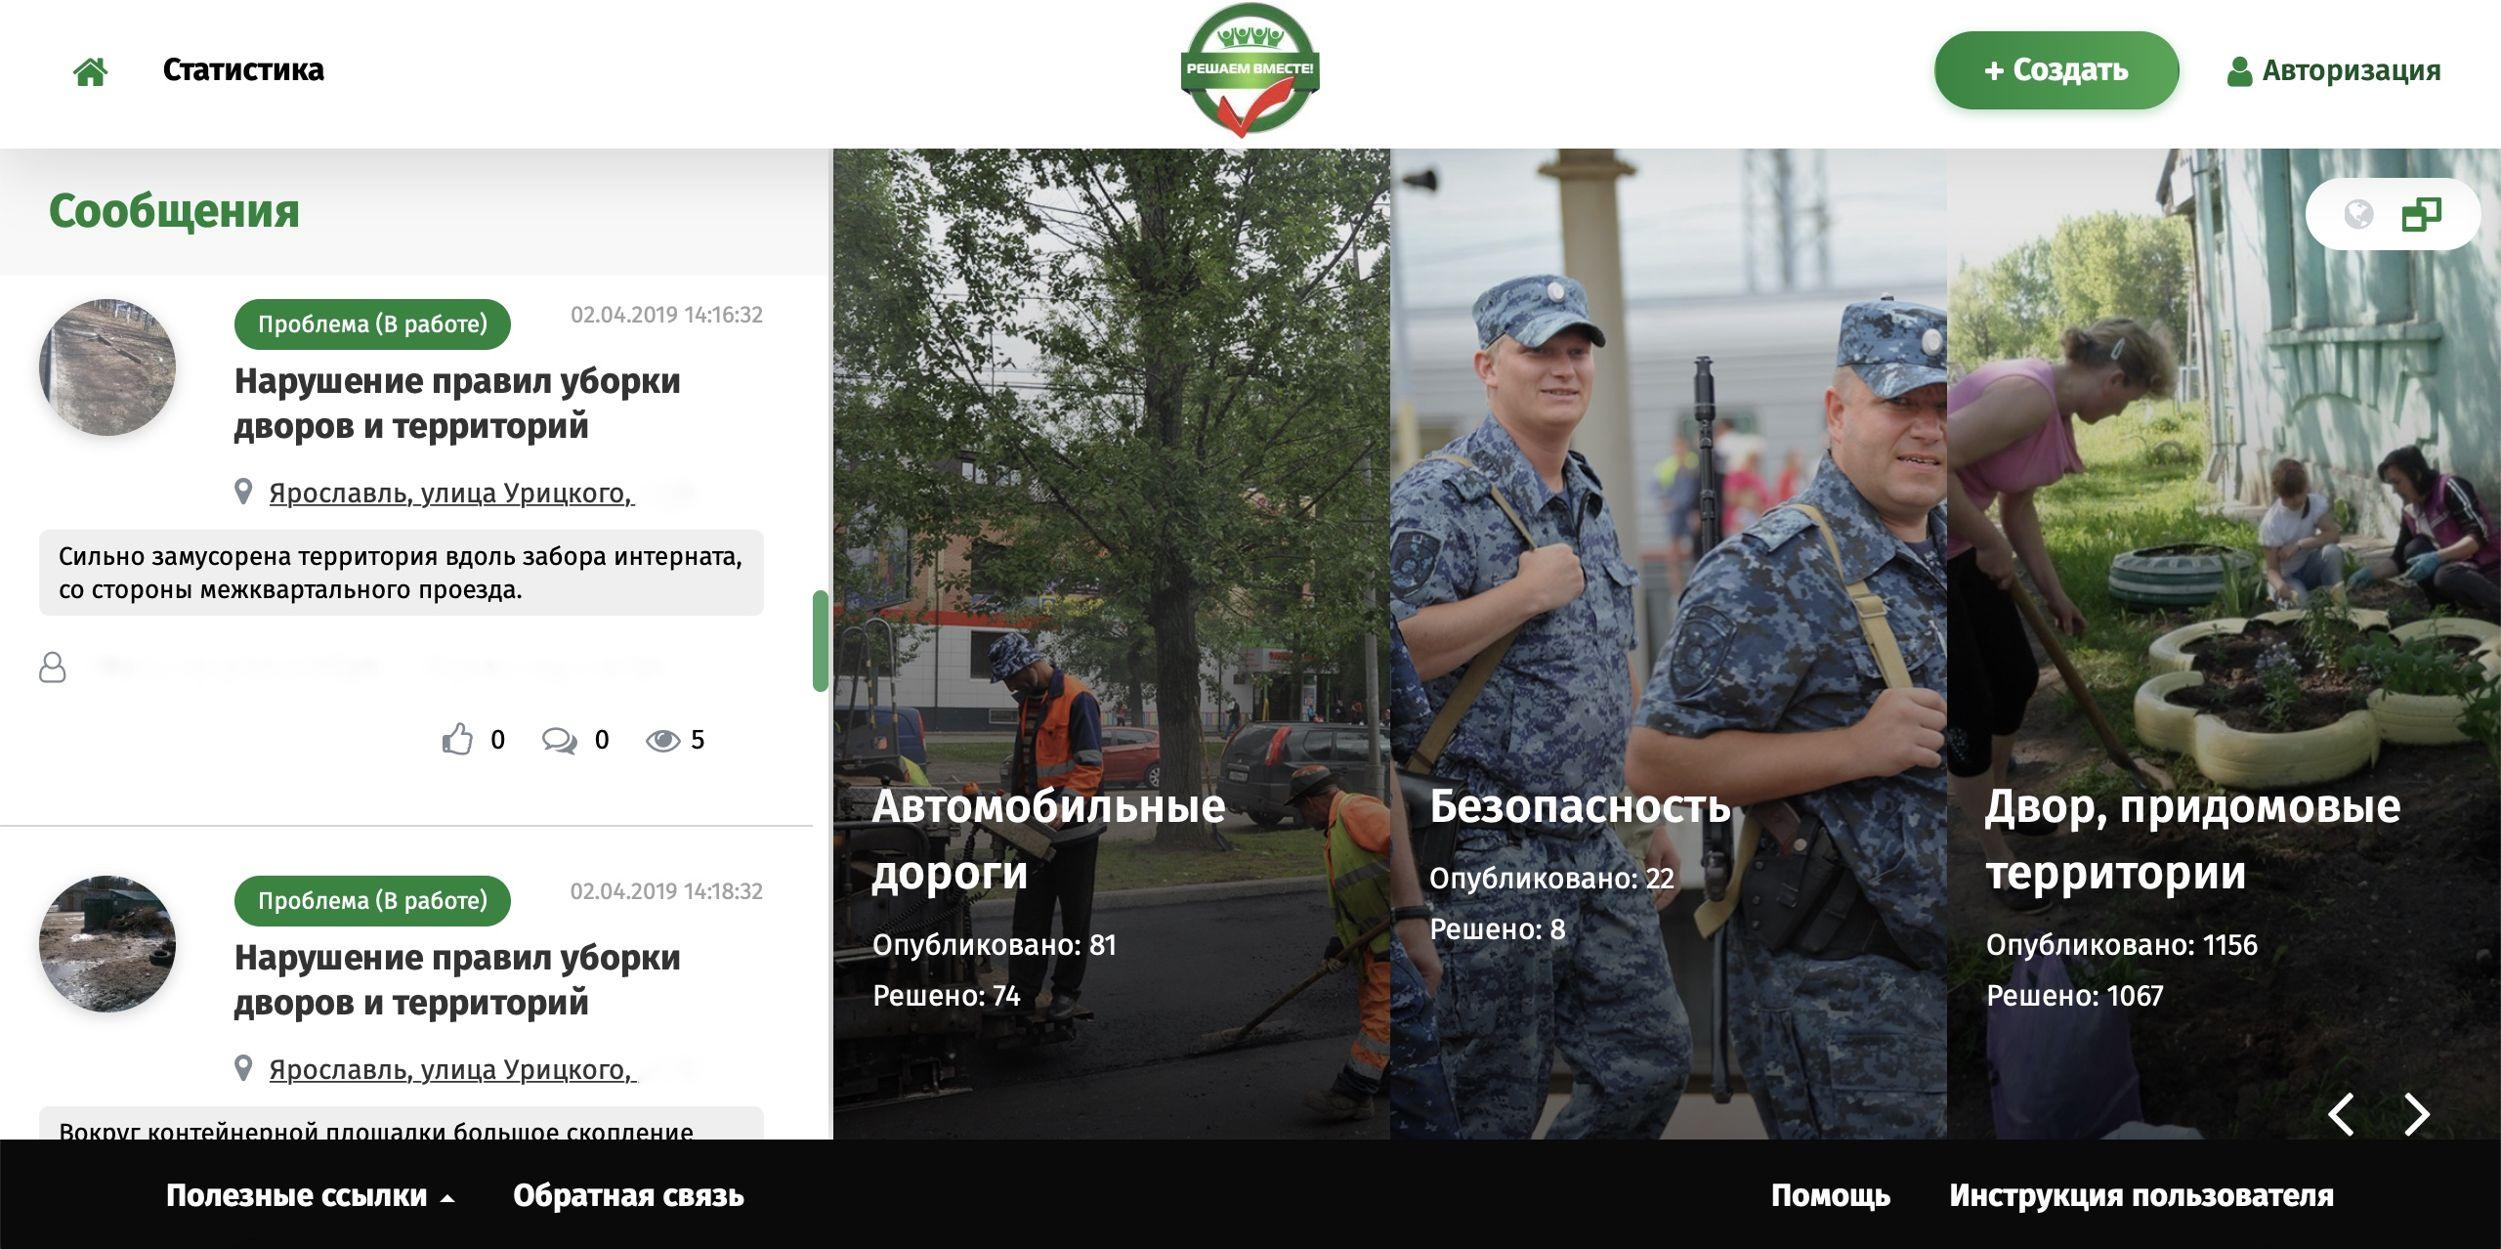 Благодаря порталу «Делаем вместе» систему отопления в Петровском почтовом отделении отремонтируют раньше срока